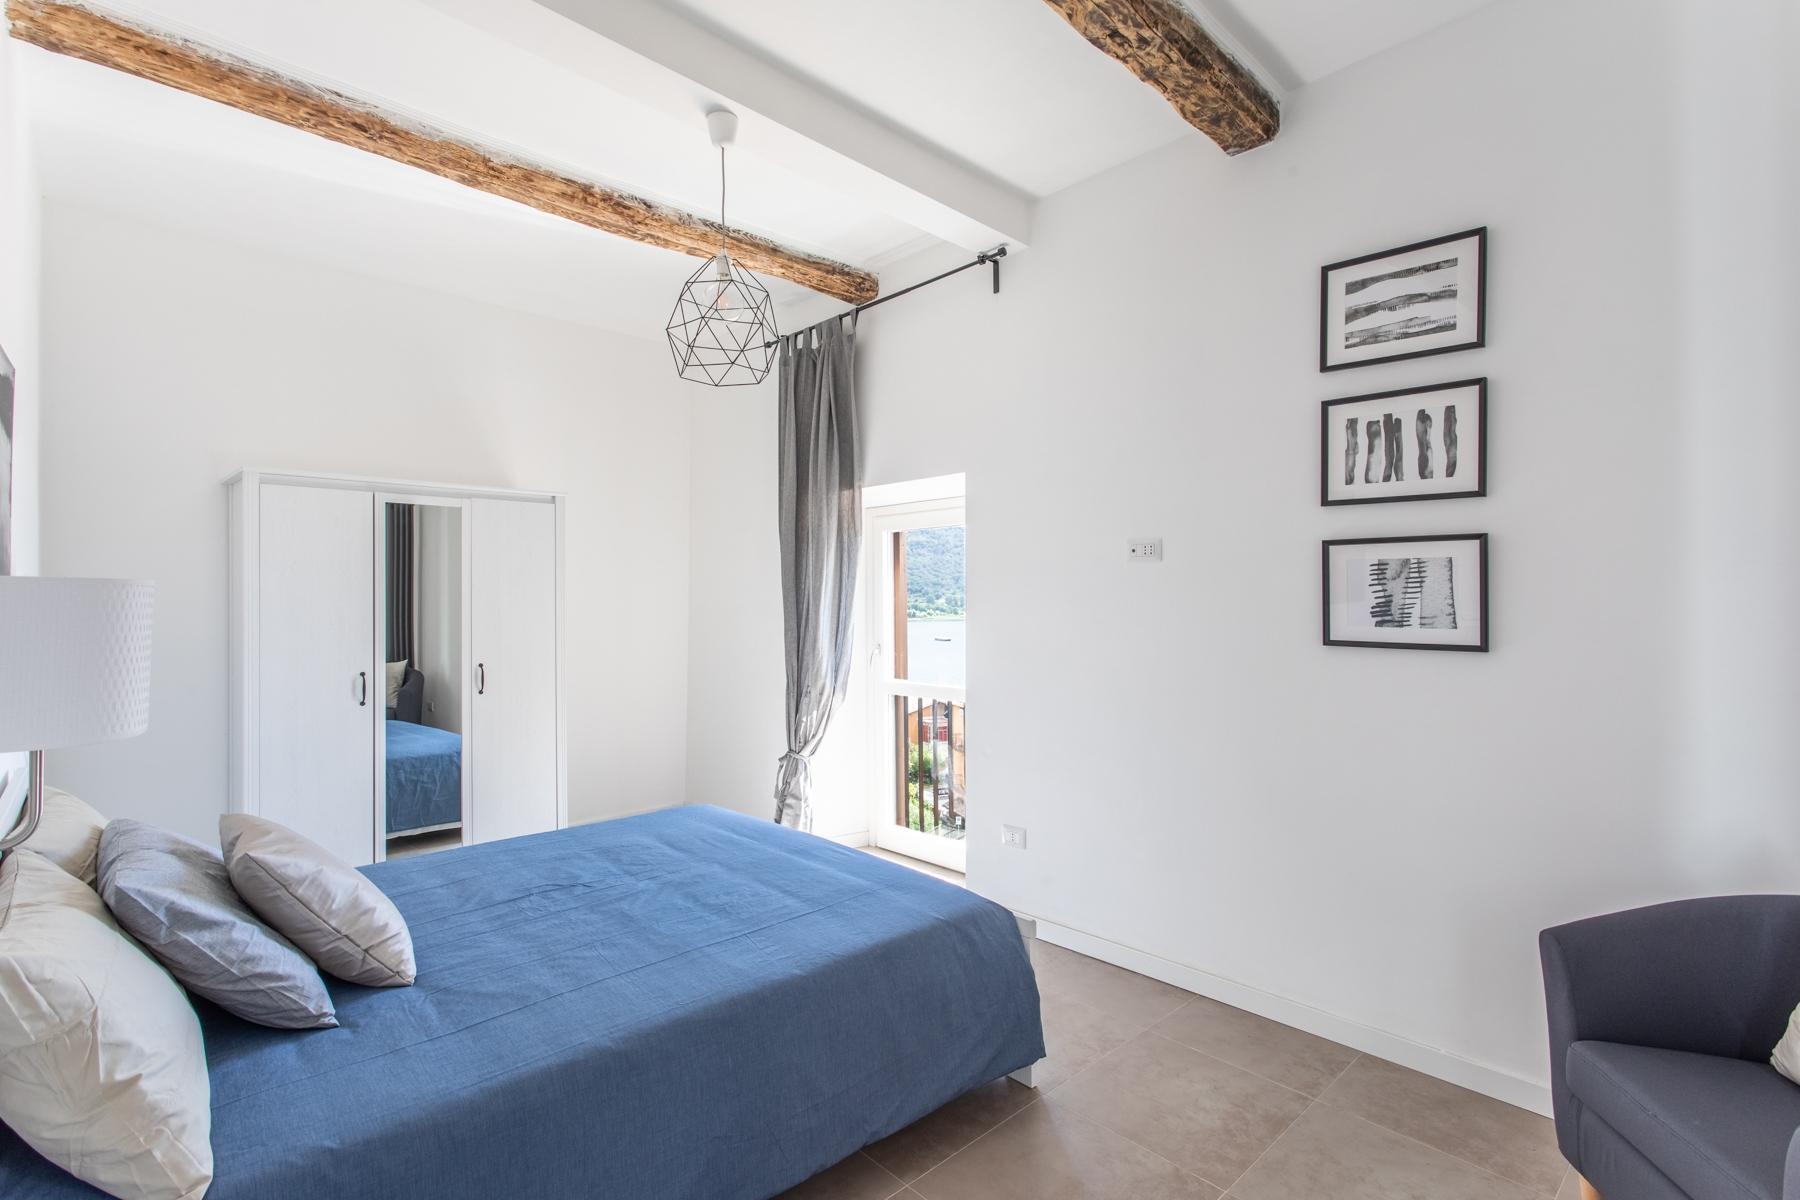 Casa indipendente in Vendita a Trevignano Romano: 5 locali, 163 mq - Foto 9